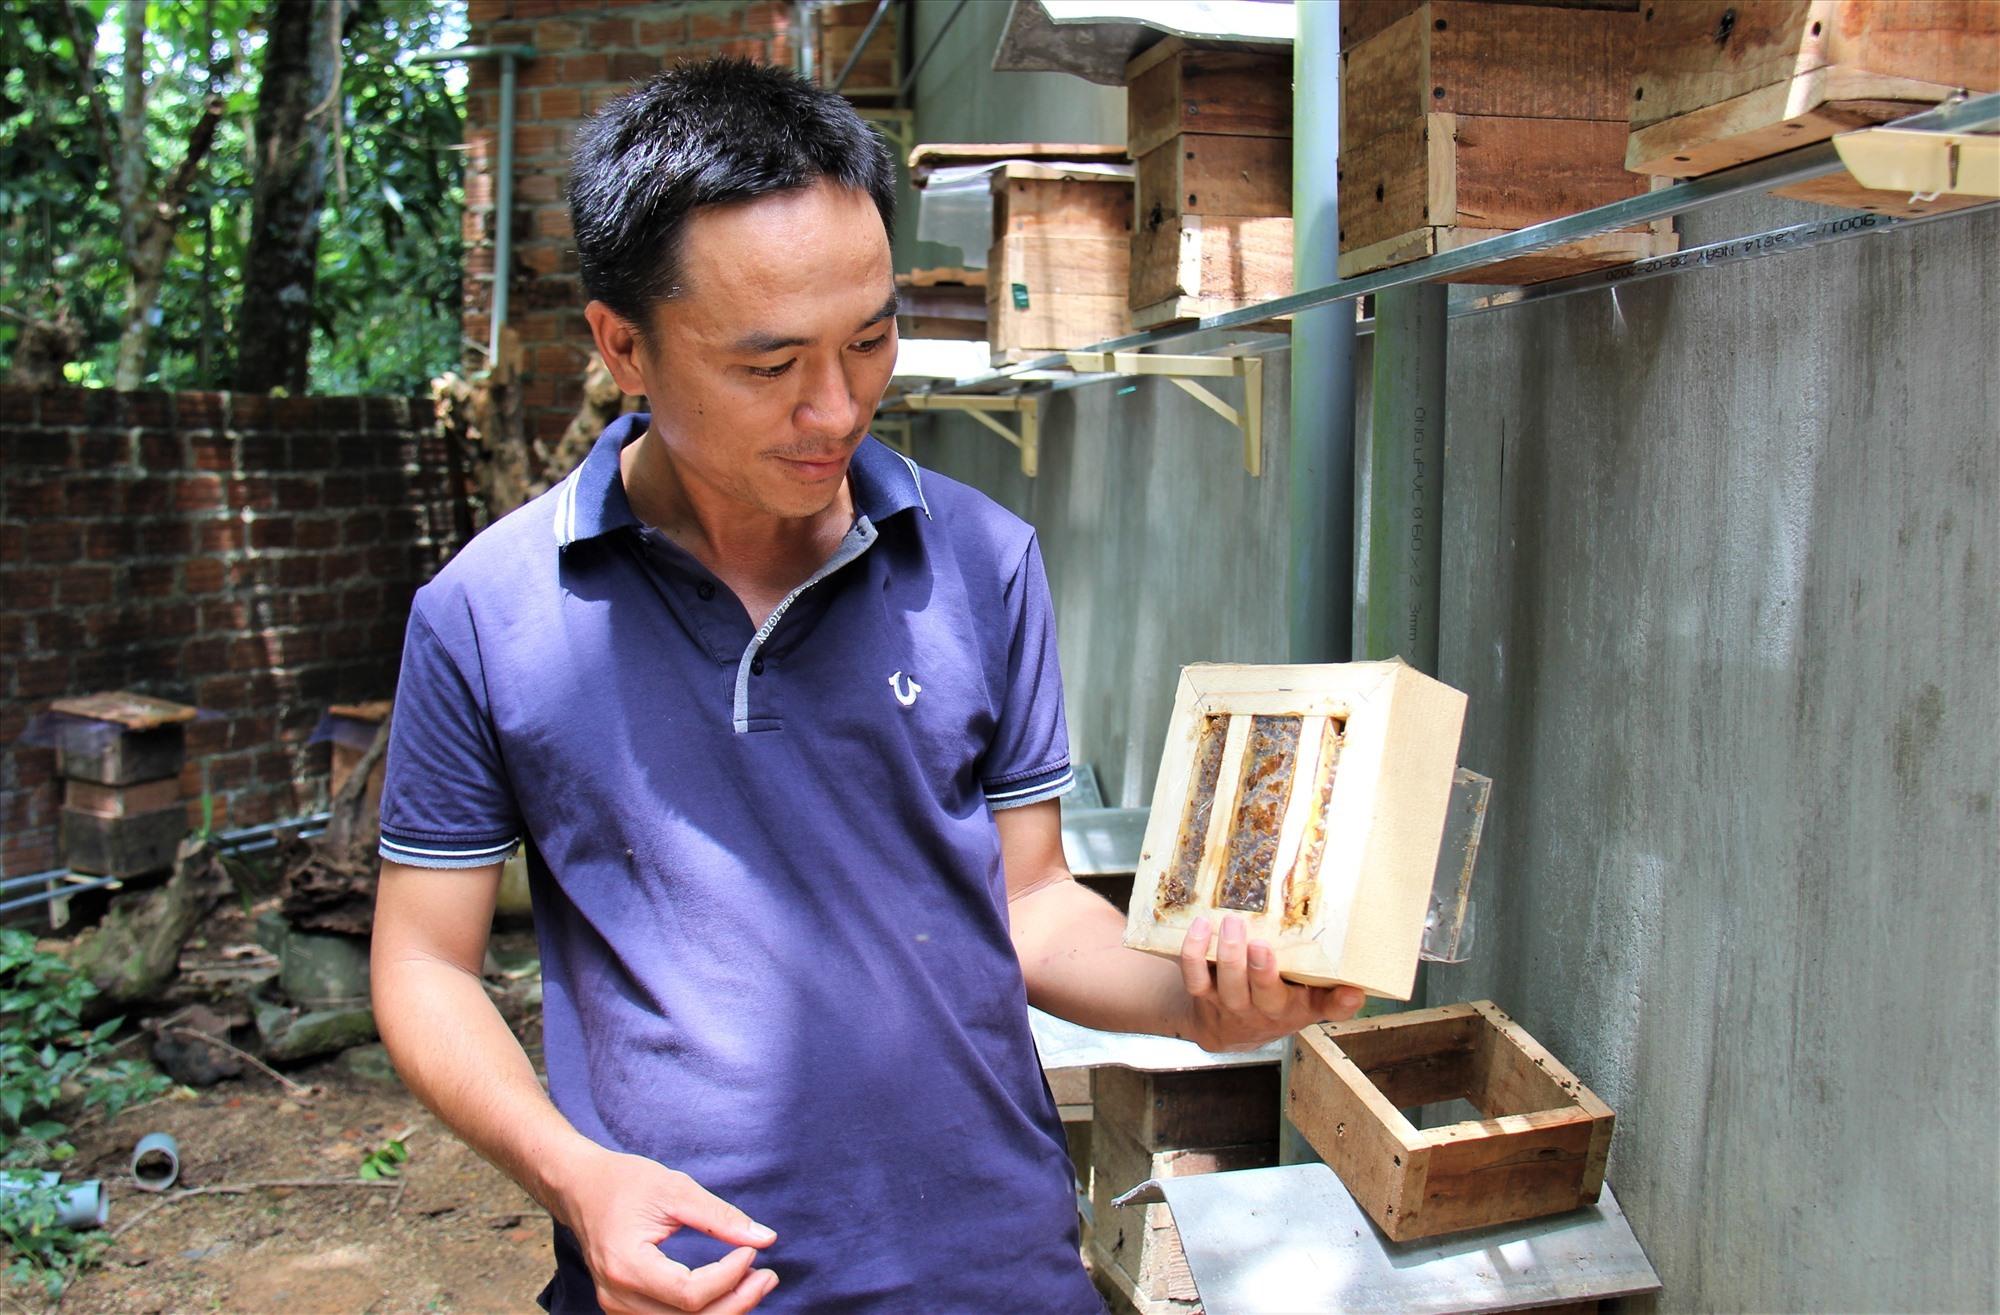 Một tầng mật ong dú mới vừa được lấy ra khỏi thùng. Ảnh: THANH THẮNG